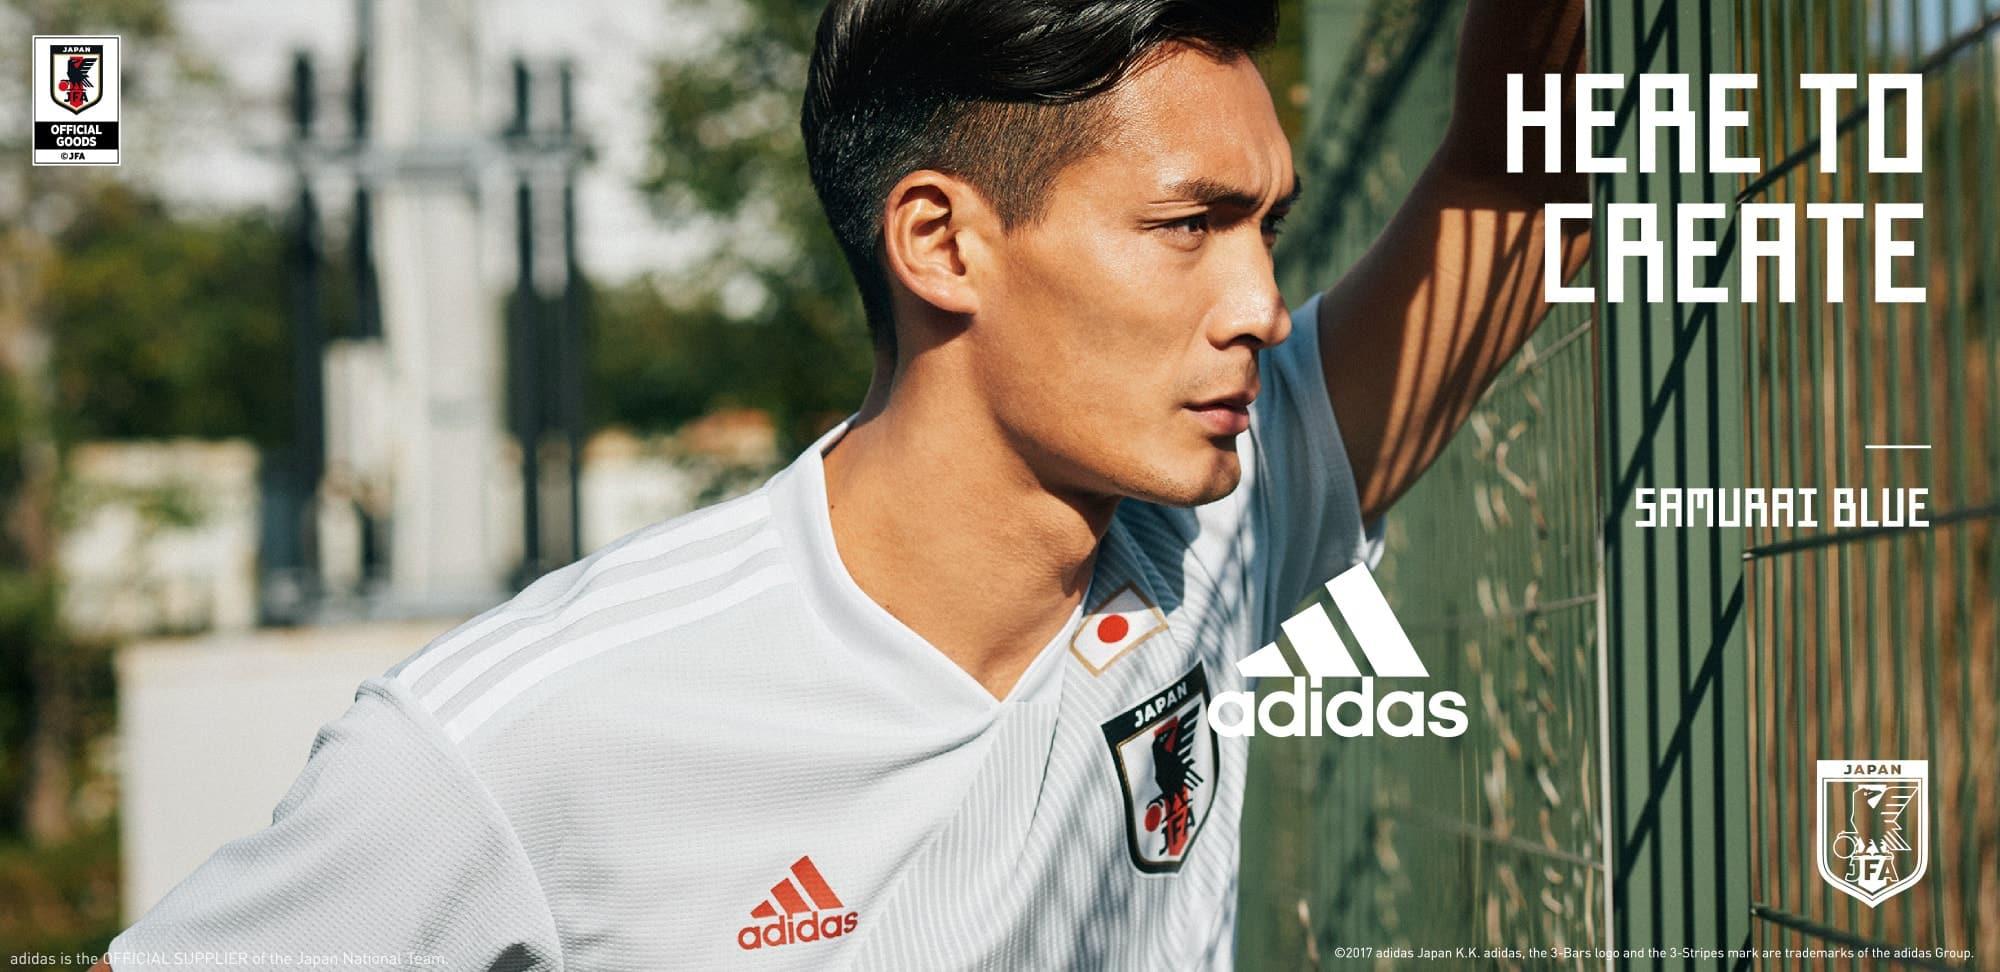 アディダス壁紙サッカー選手